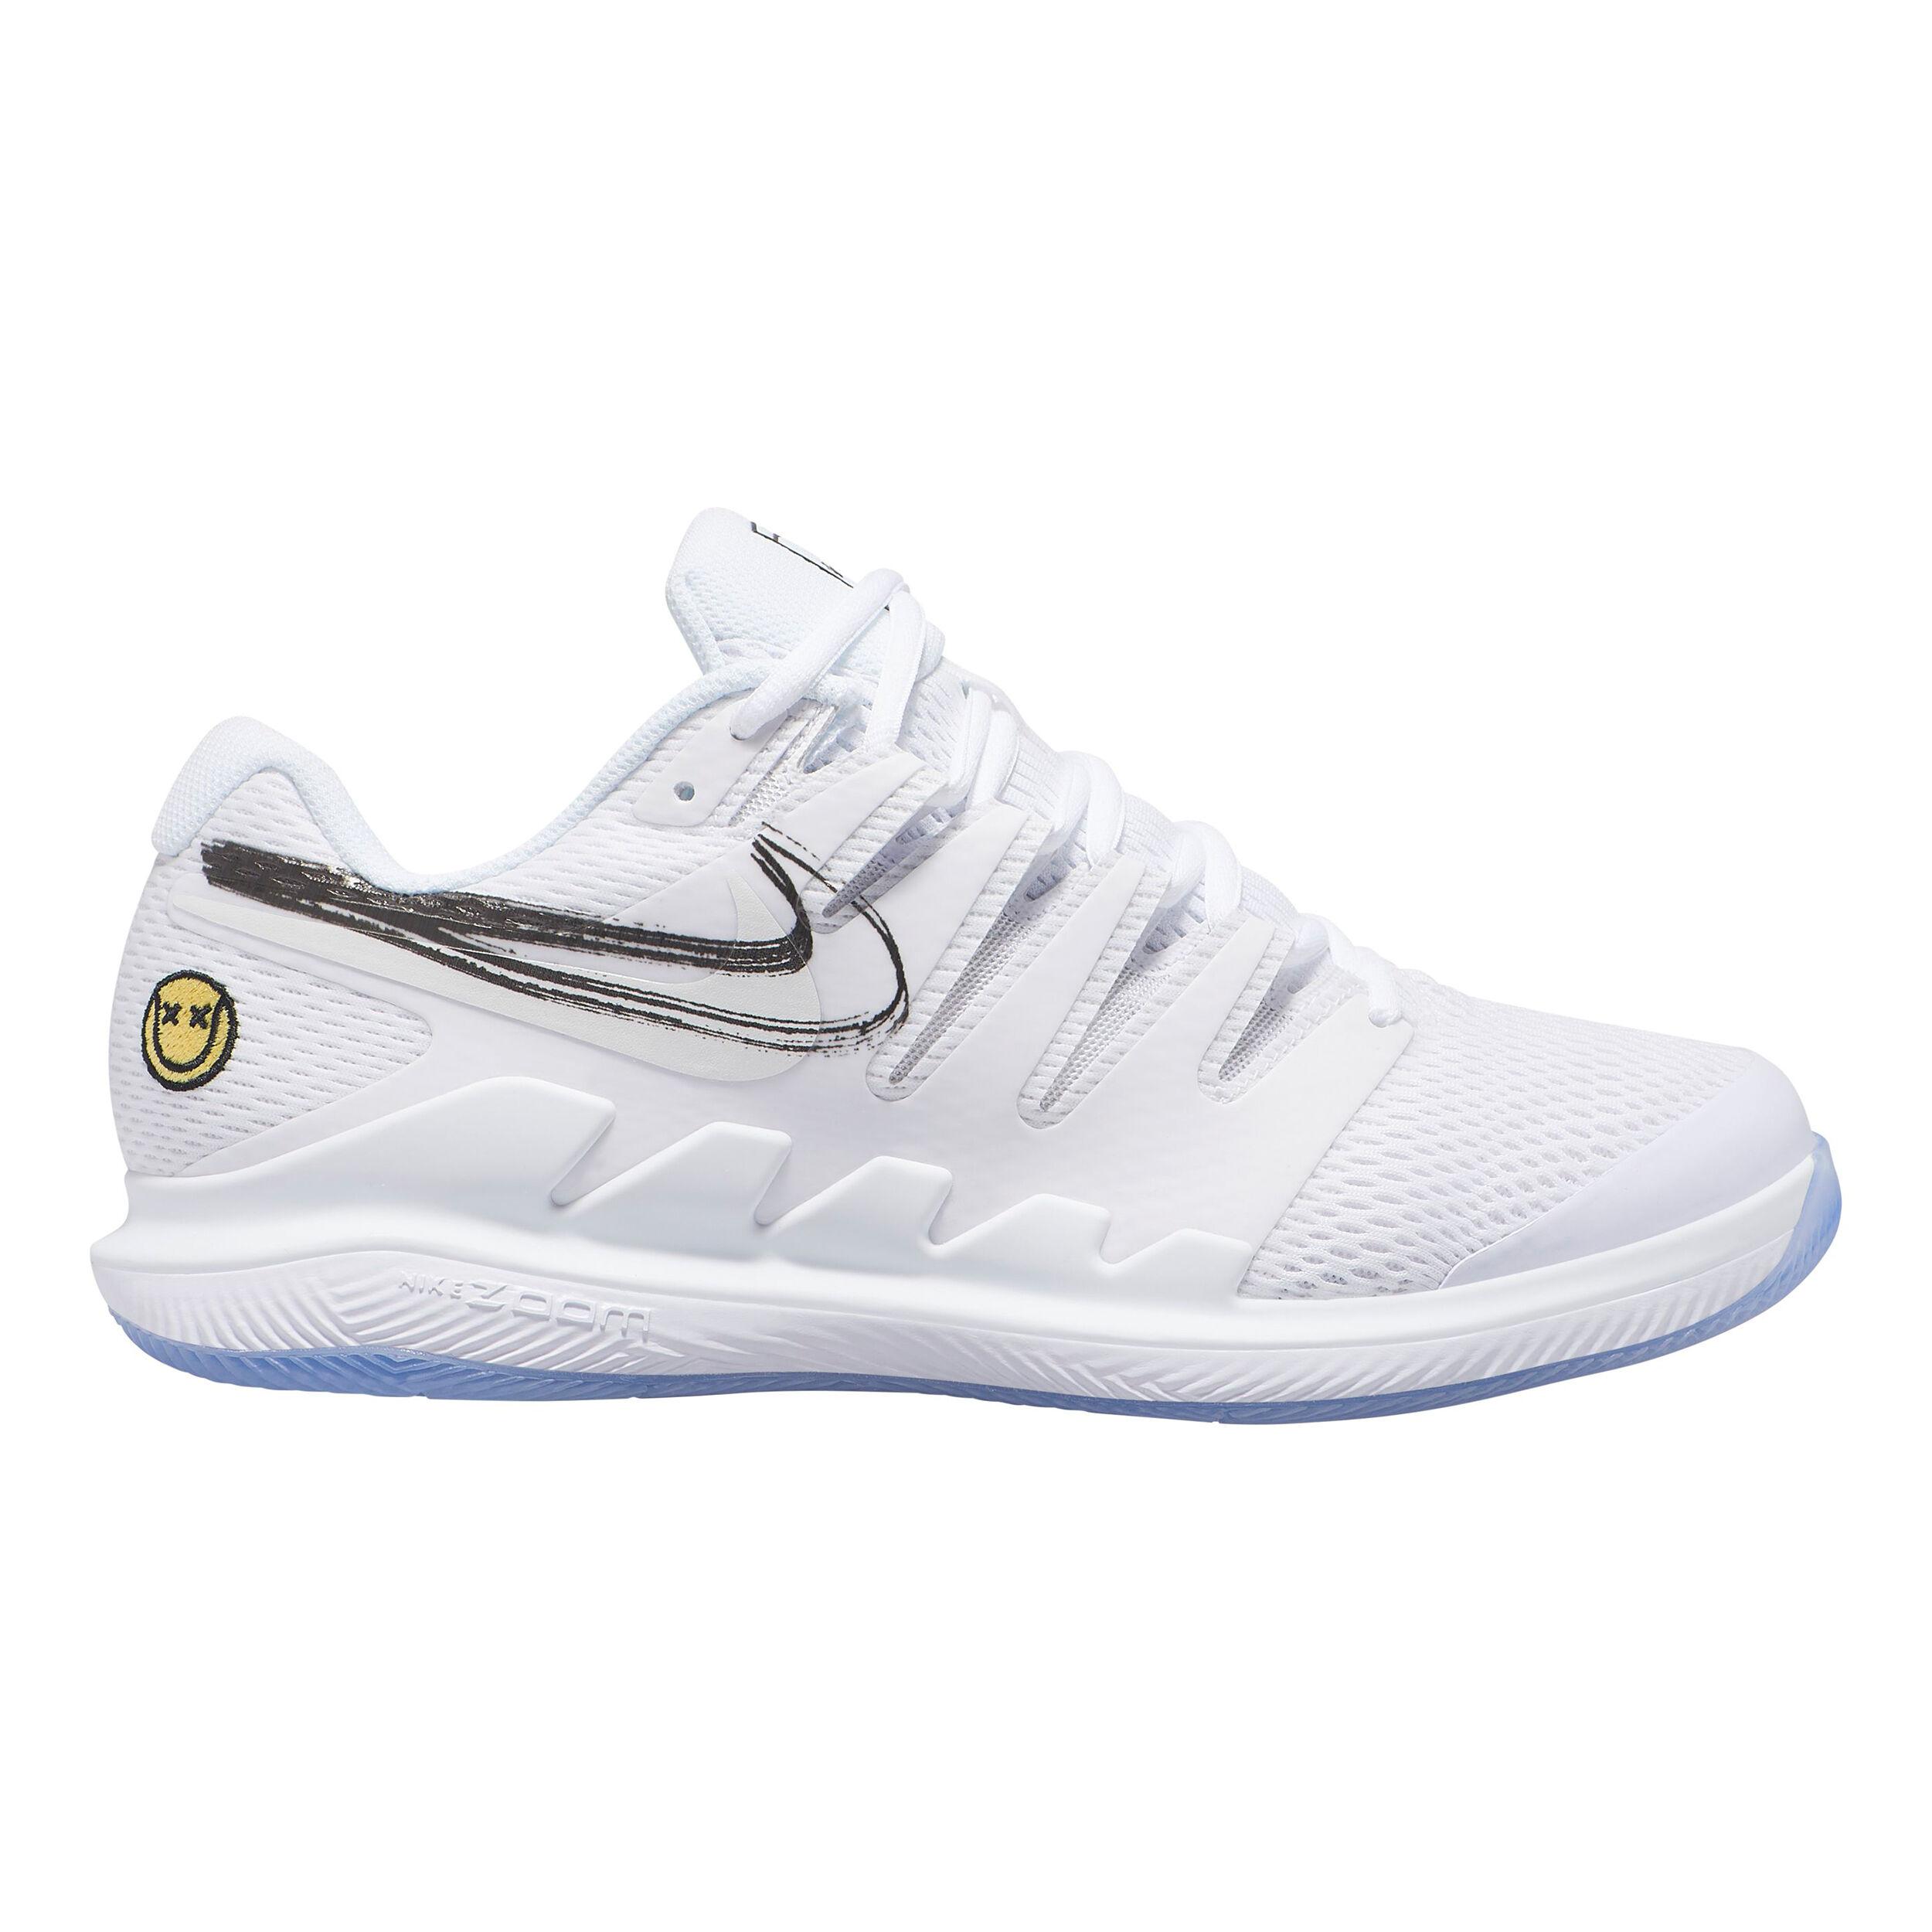 Nike Air Zoom Vapor X HC Allcourt sko Herrer Hvid, Lyseblå